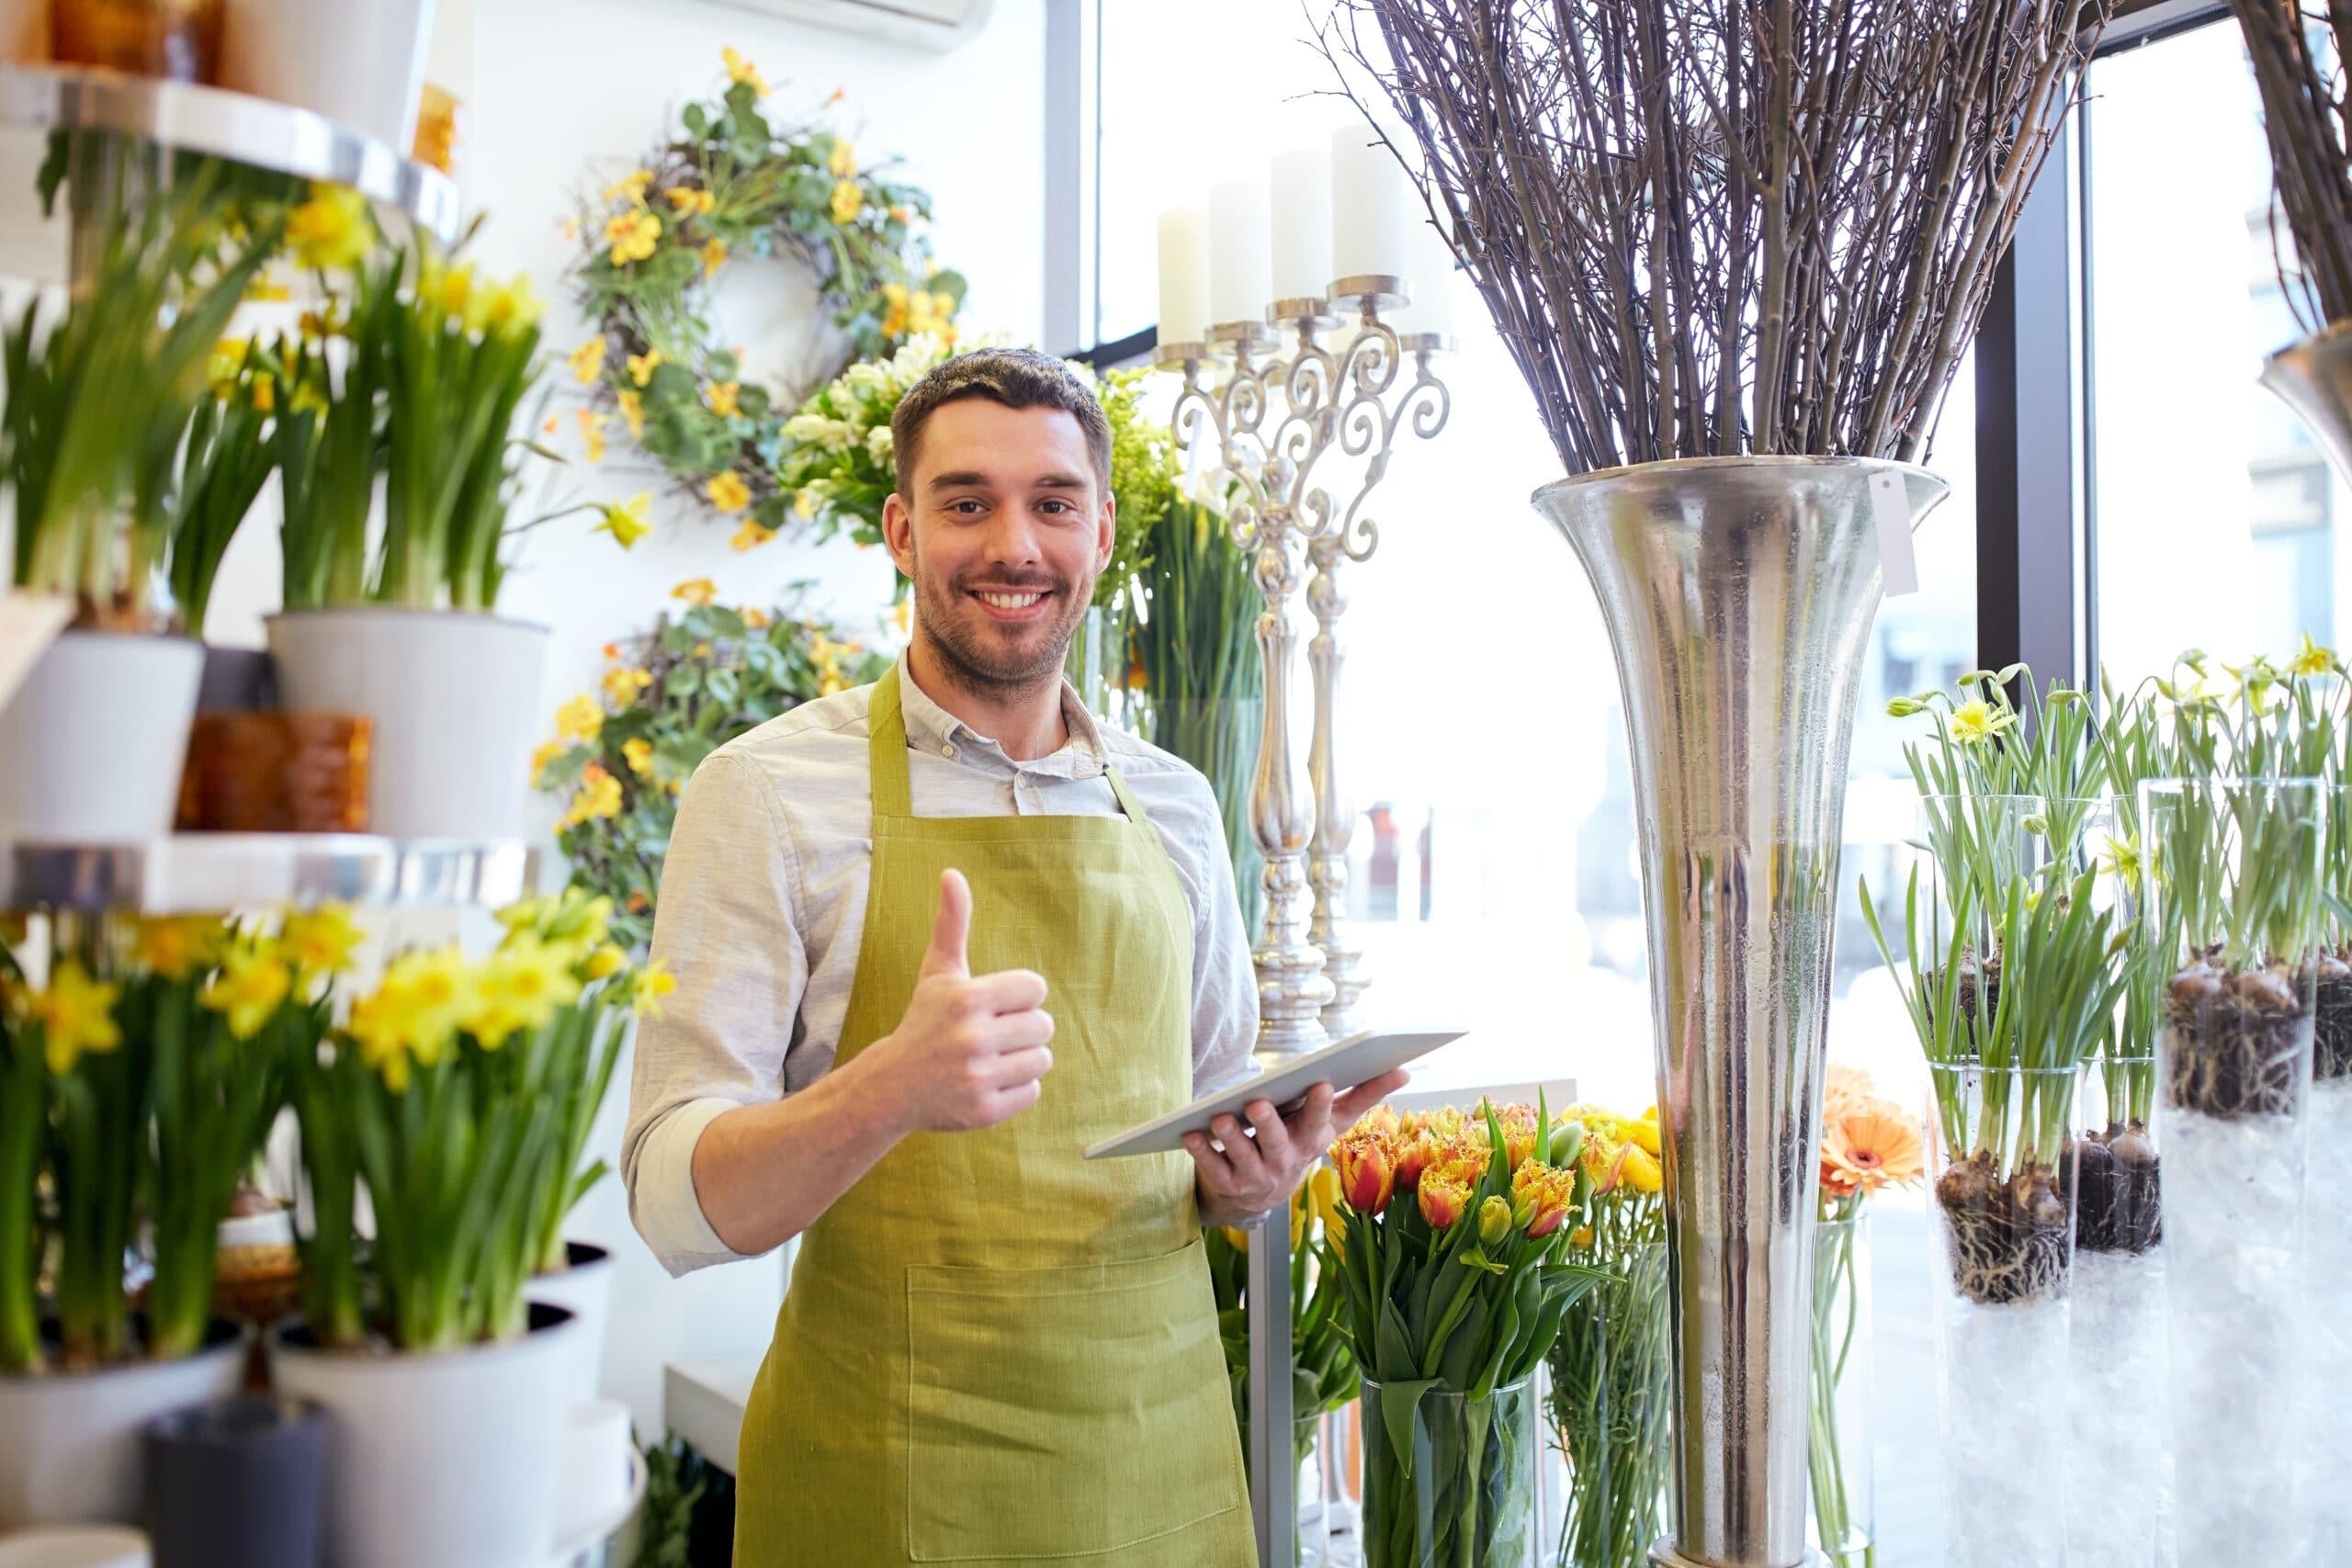 EVA selvitys. Iloinen kukkakauppias.